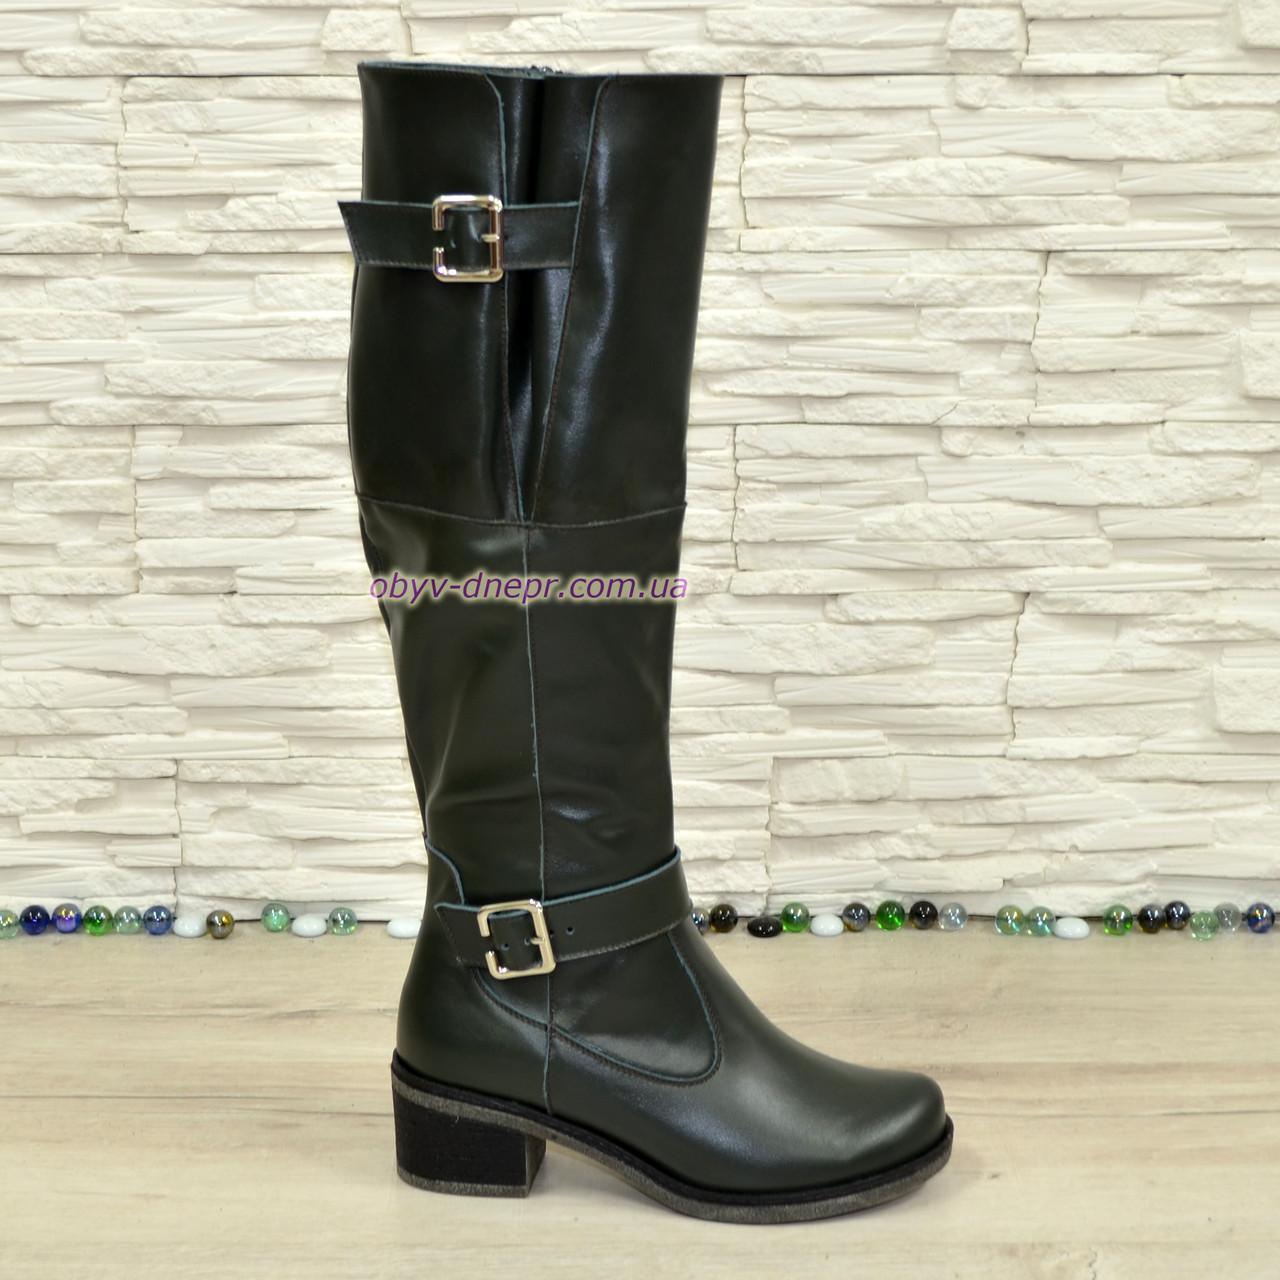 0438893a5647 Сапоги женские кожаные зеленого цвета зимние на меху  продажа, цена ...